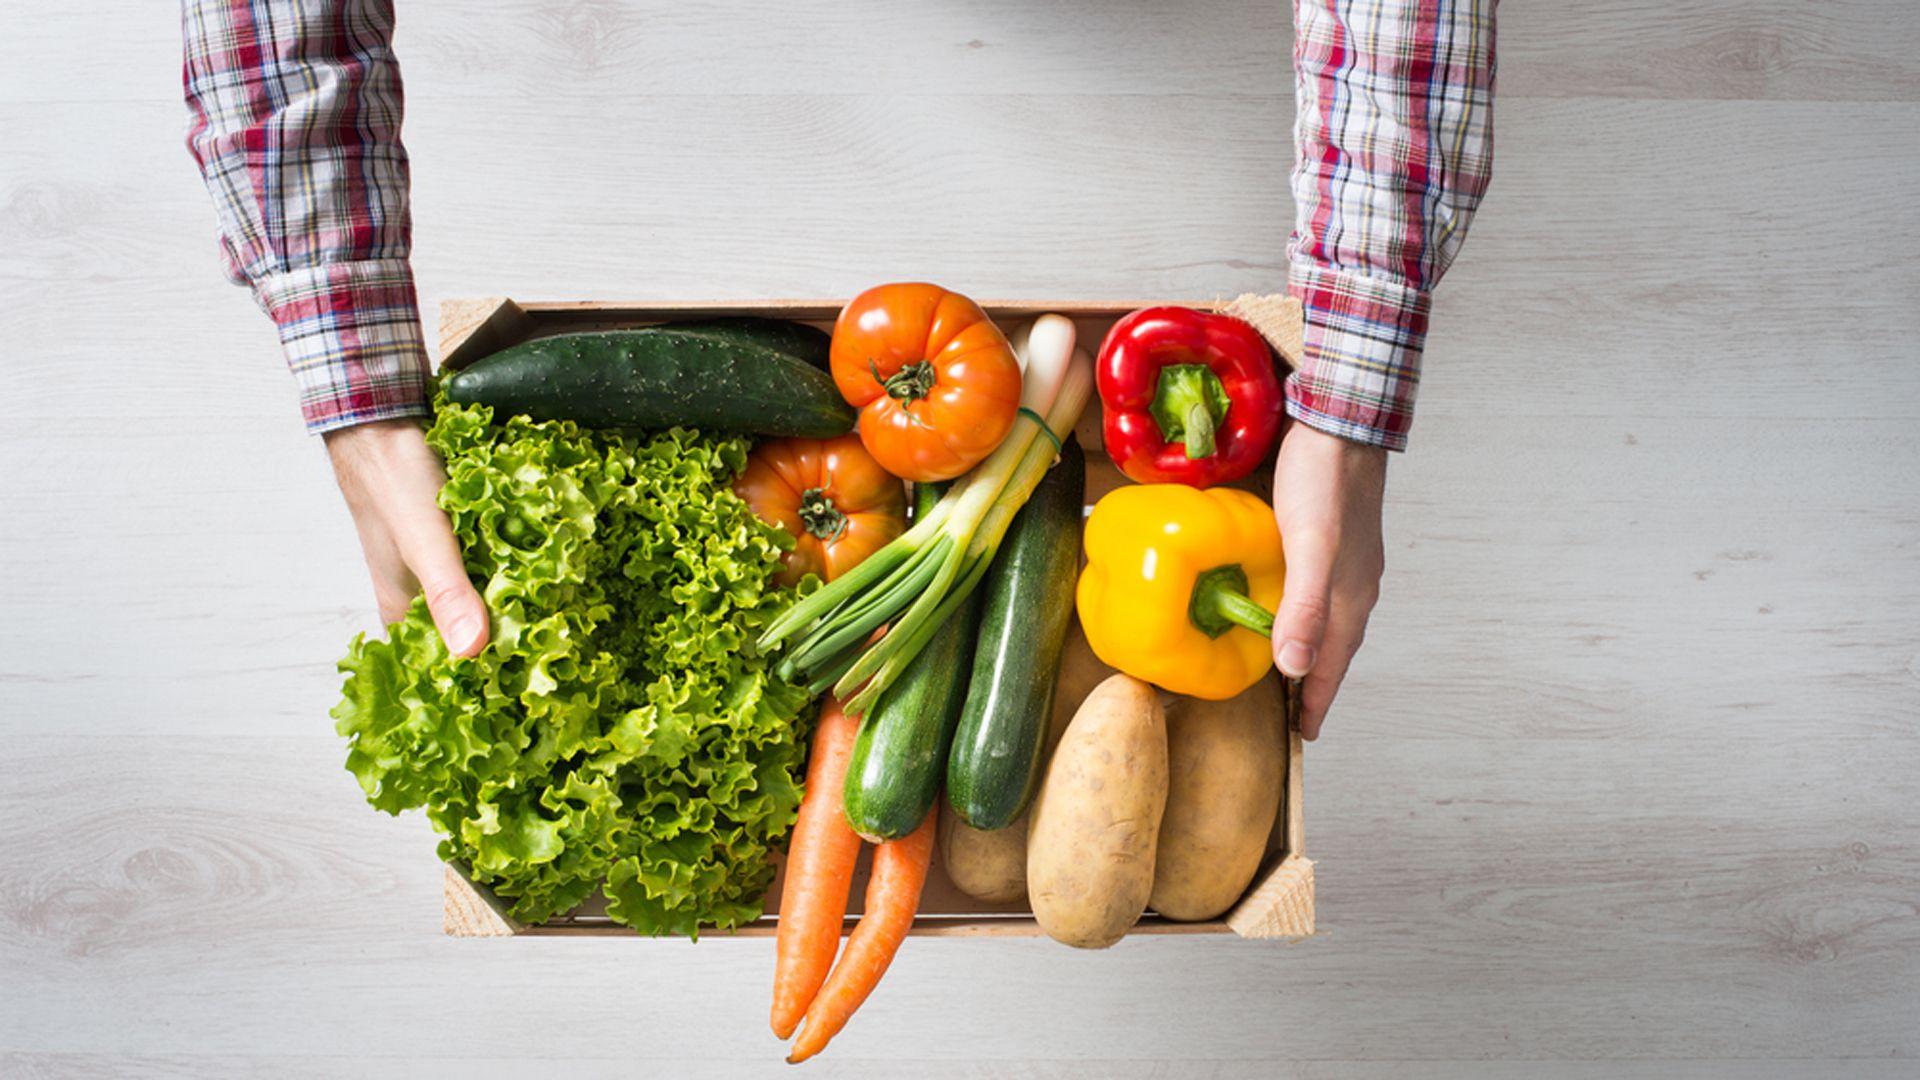 """Hace un tiempo surgió un movimiento que dio en llamarse """"realfooding"""", que es precisamente un estilo de vida basado en comer comida real y evitar los ultraprocesados (Shutterstock)"""